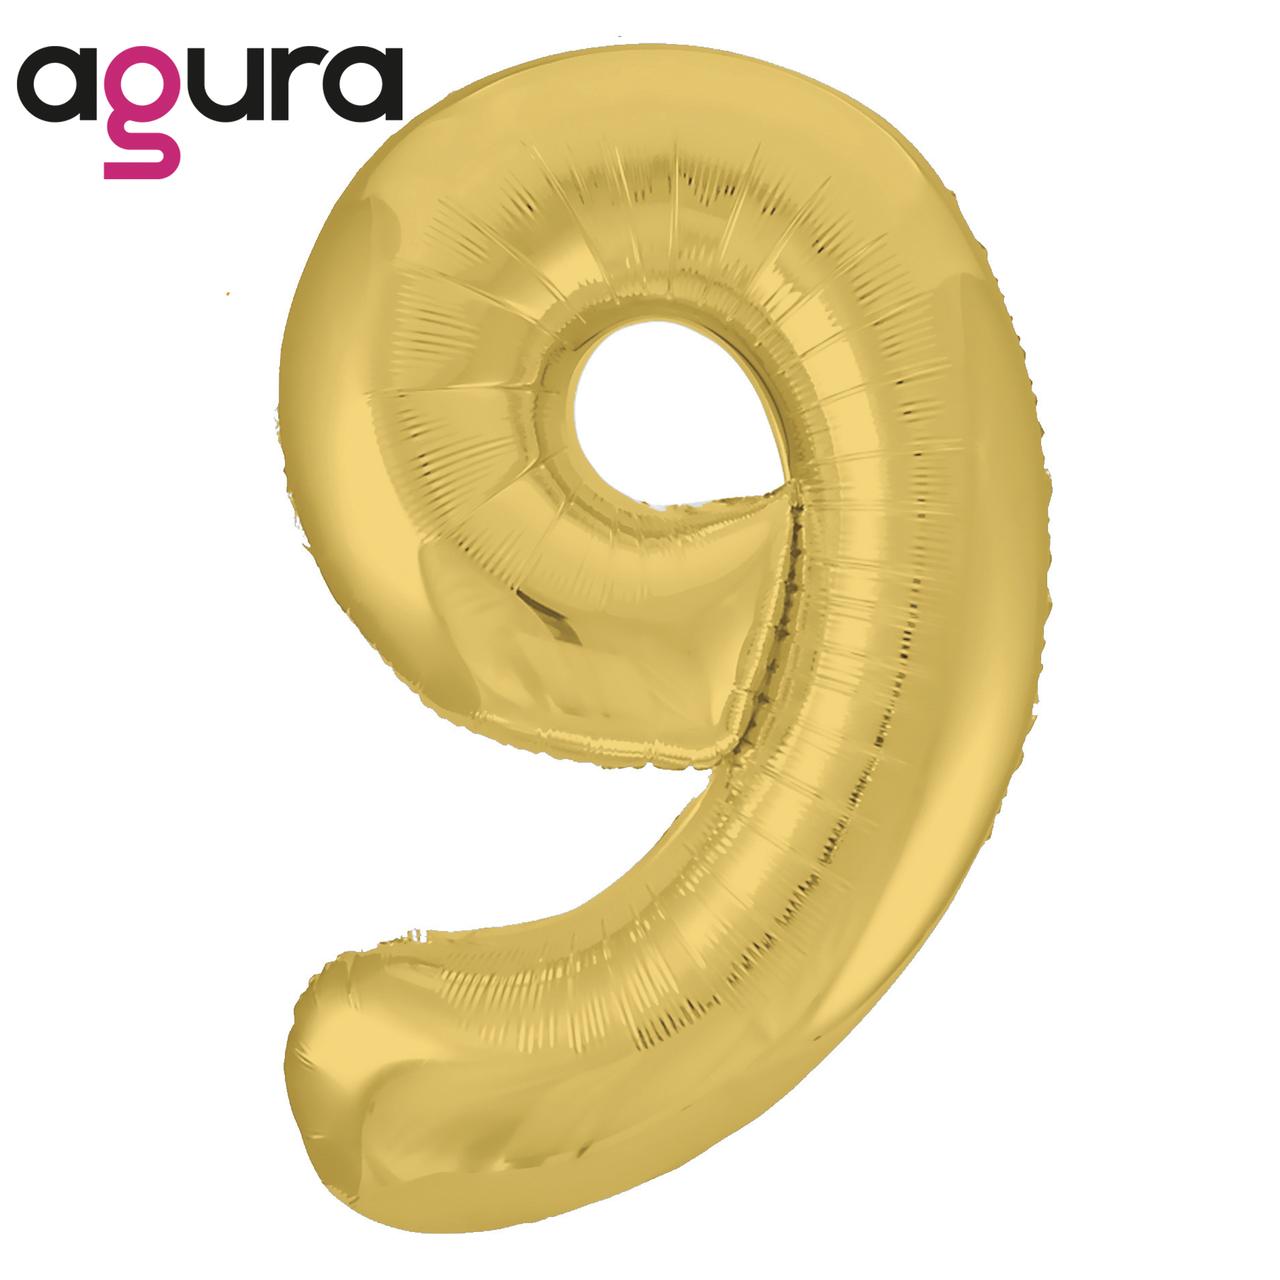 Фольгированная цифра 9 (40') Agura Slim золото в упаковке, 102 см